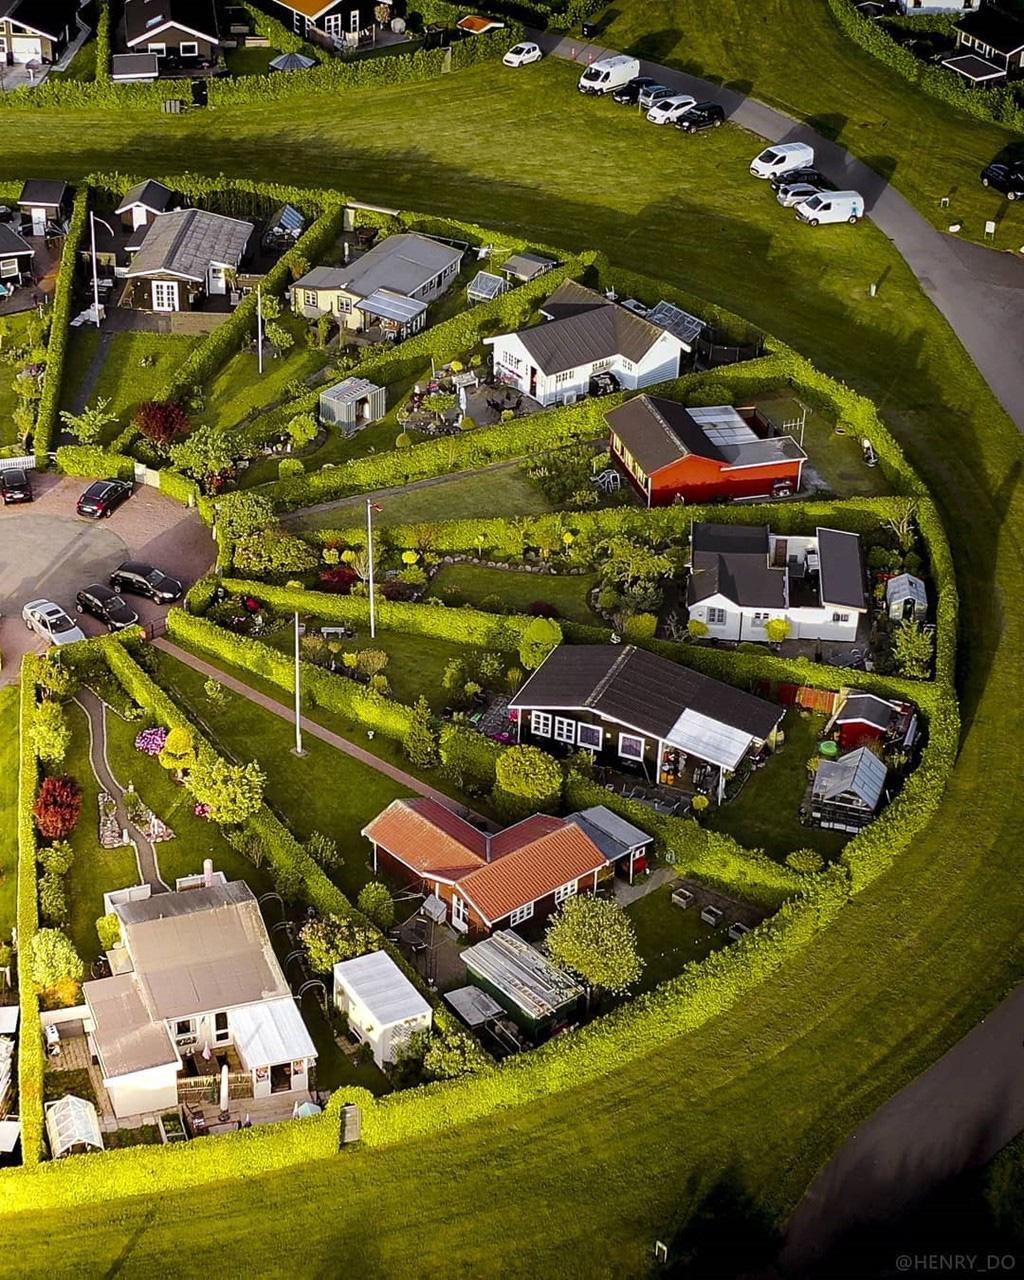 Bí ẩn ở ngôi làng có kiến trúc như của người ngoài hành tinh ở Đan Mạch - Ảnh 3.